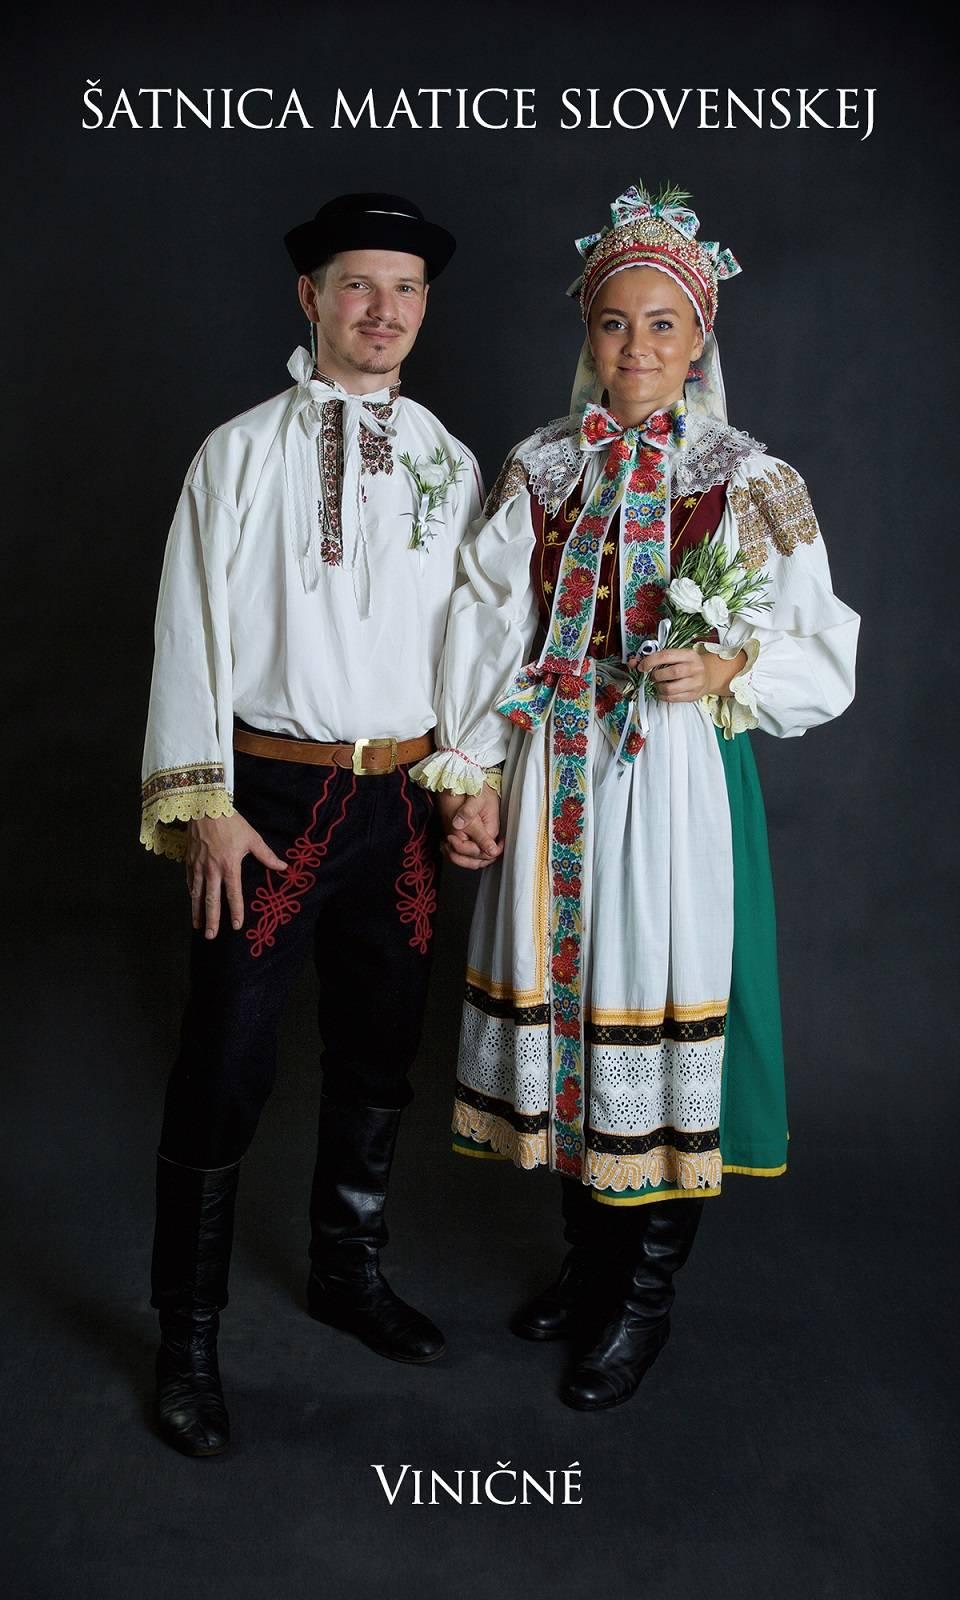 Obrázek Vinicne